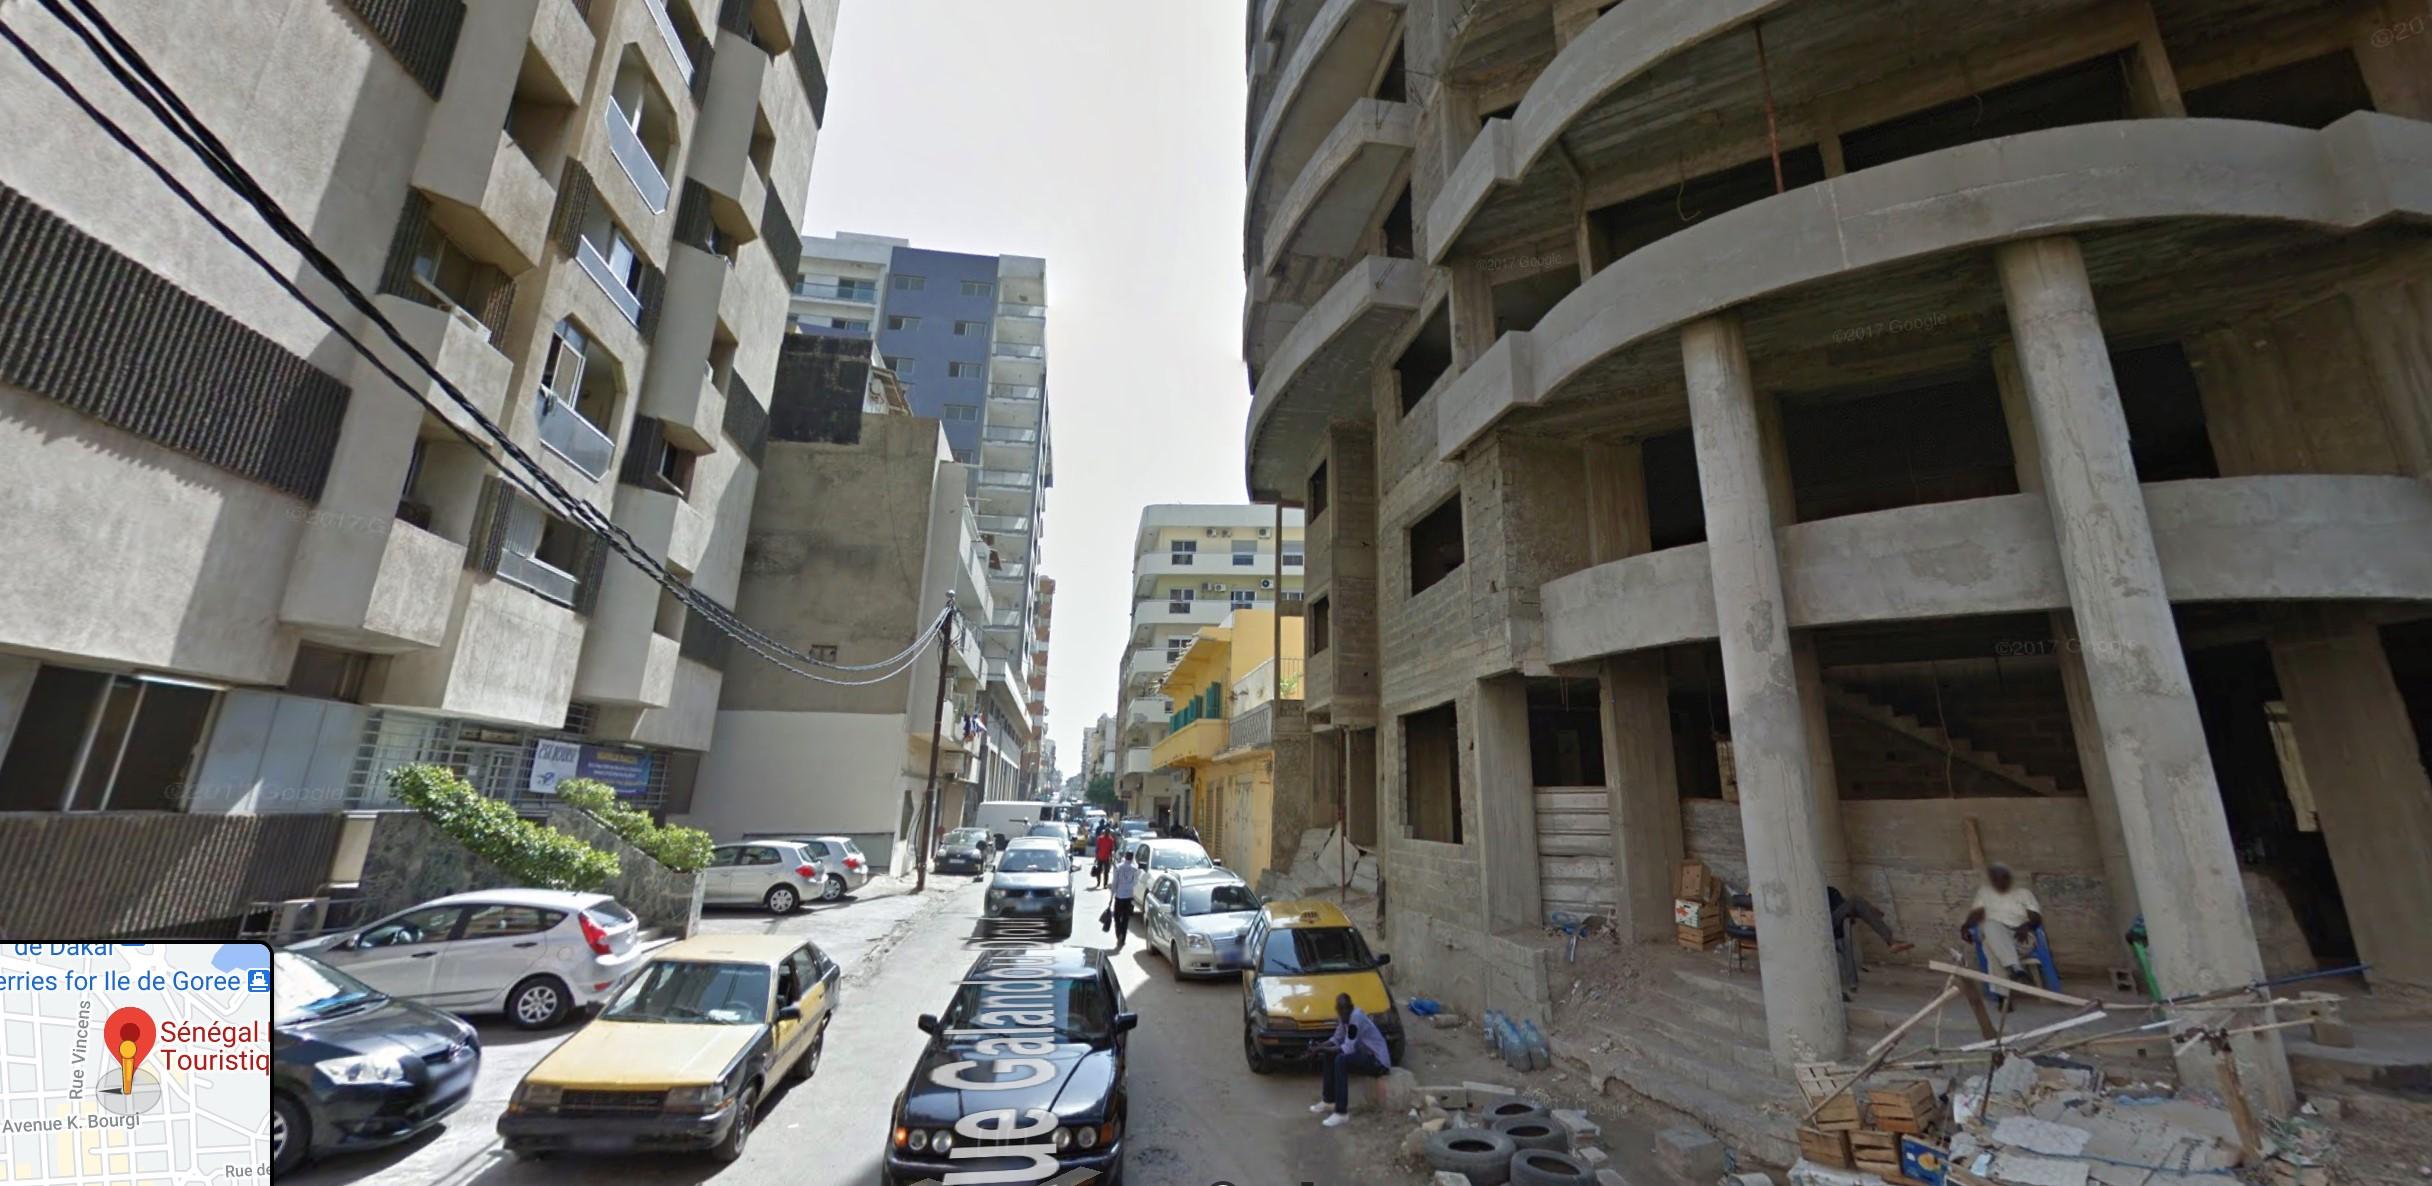 Capture d'écran de Google Street View montrant les lieux sur lesquels a été tournée la vidéo.